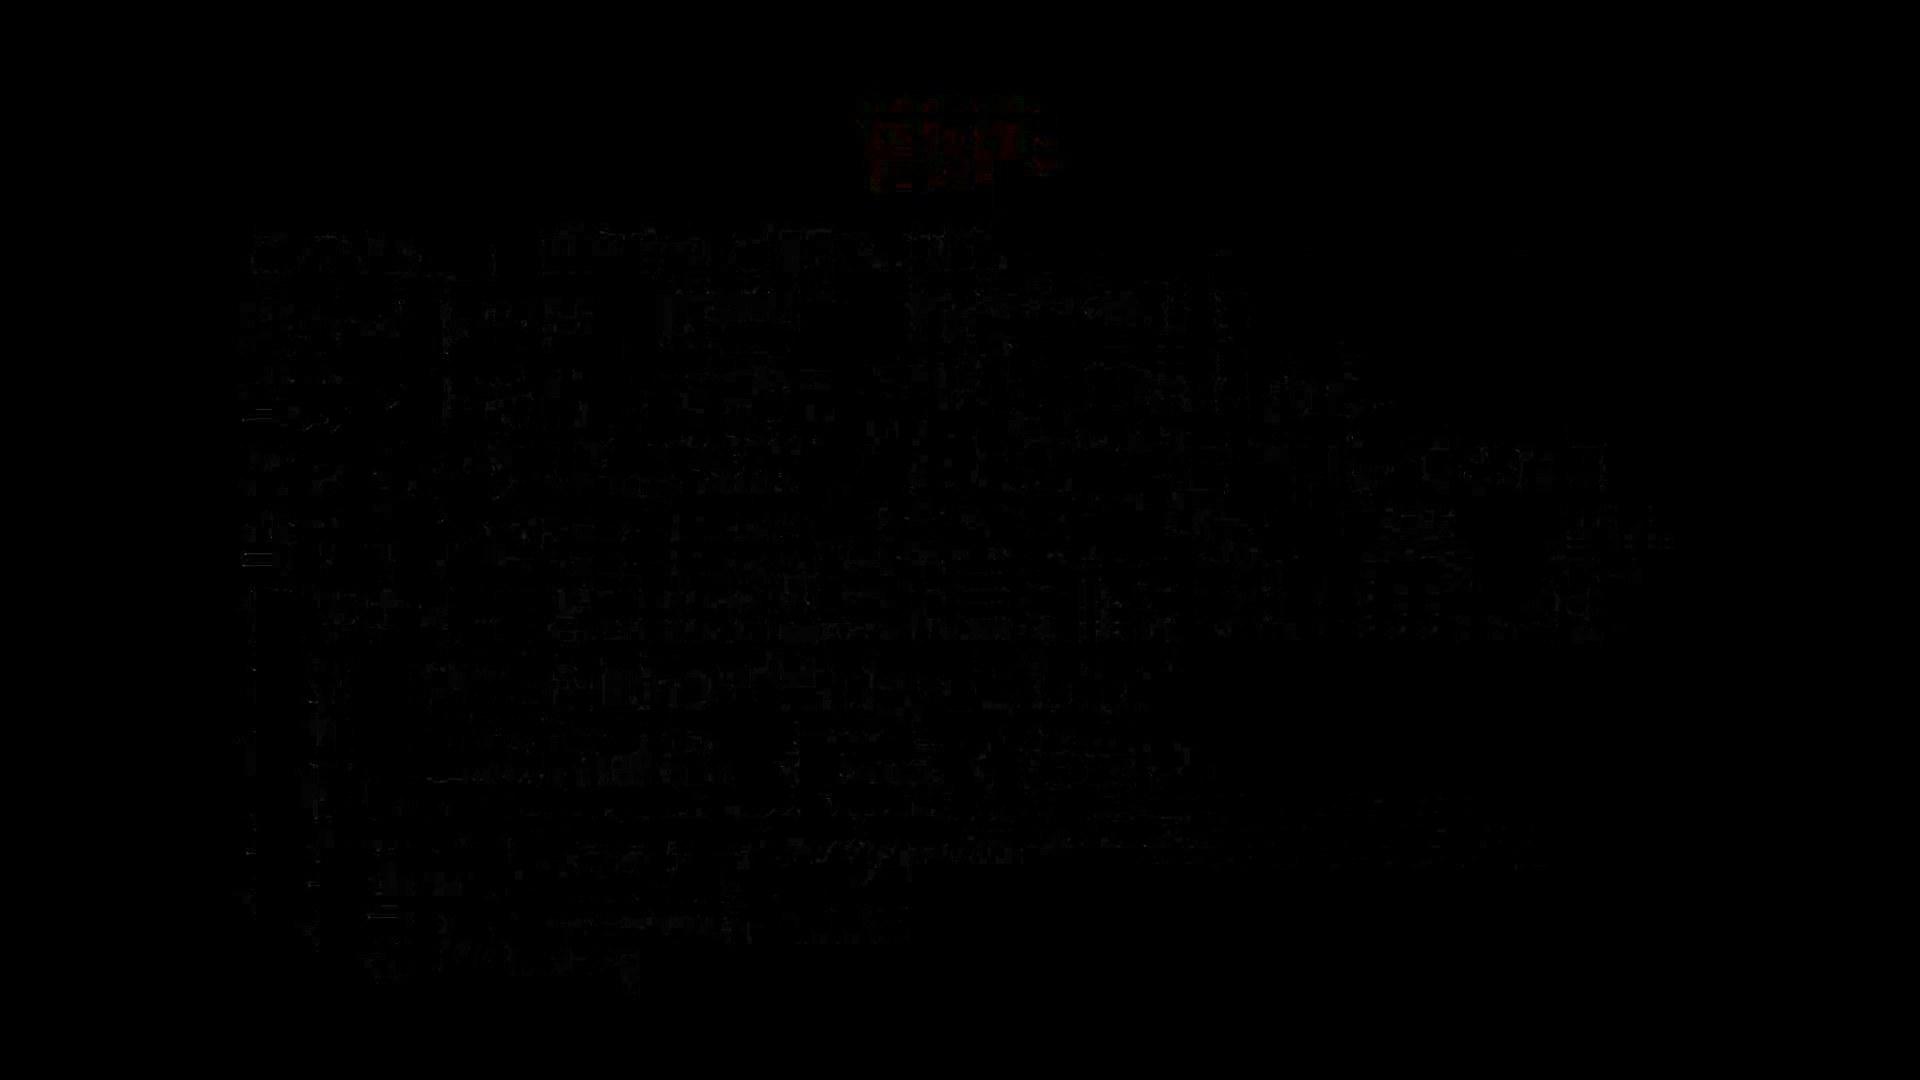 Aquaな露天風呂Vol.878潜入盗撮露天風呂十四判湯 其の一 盗撮シリーズ   露天風呂編  79PIX 1